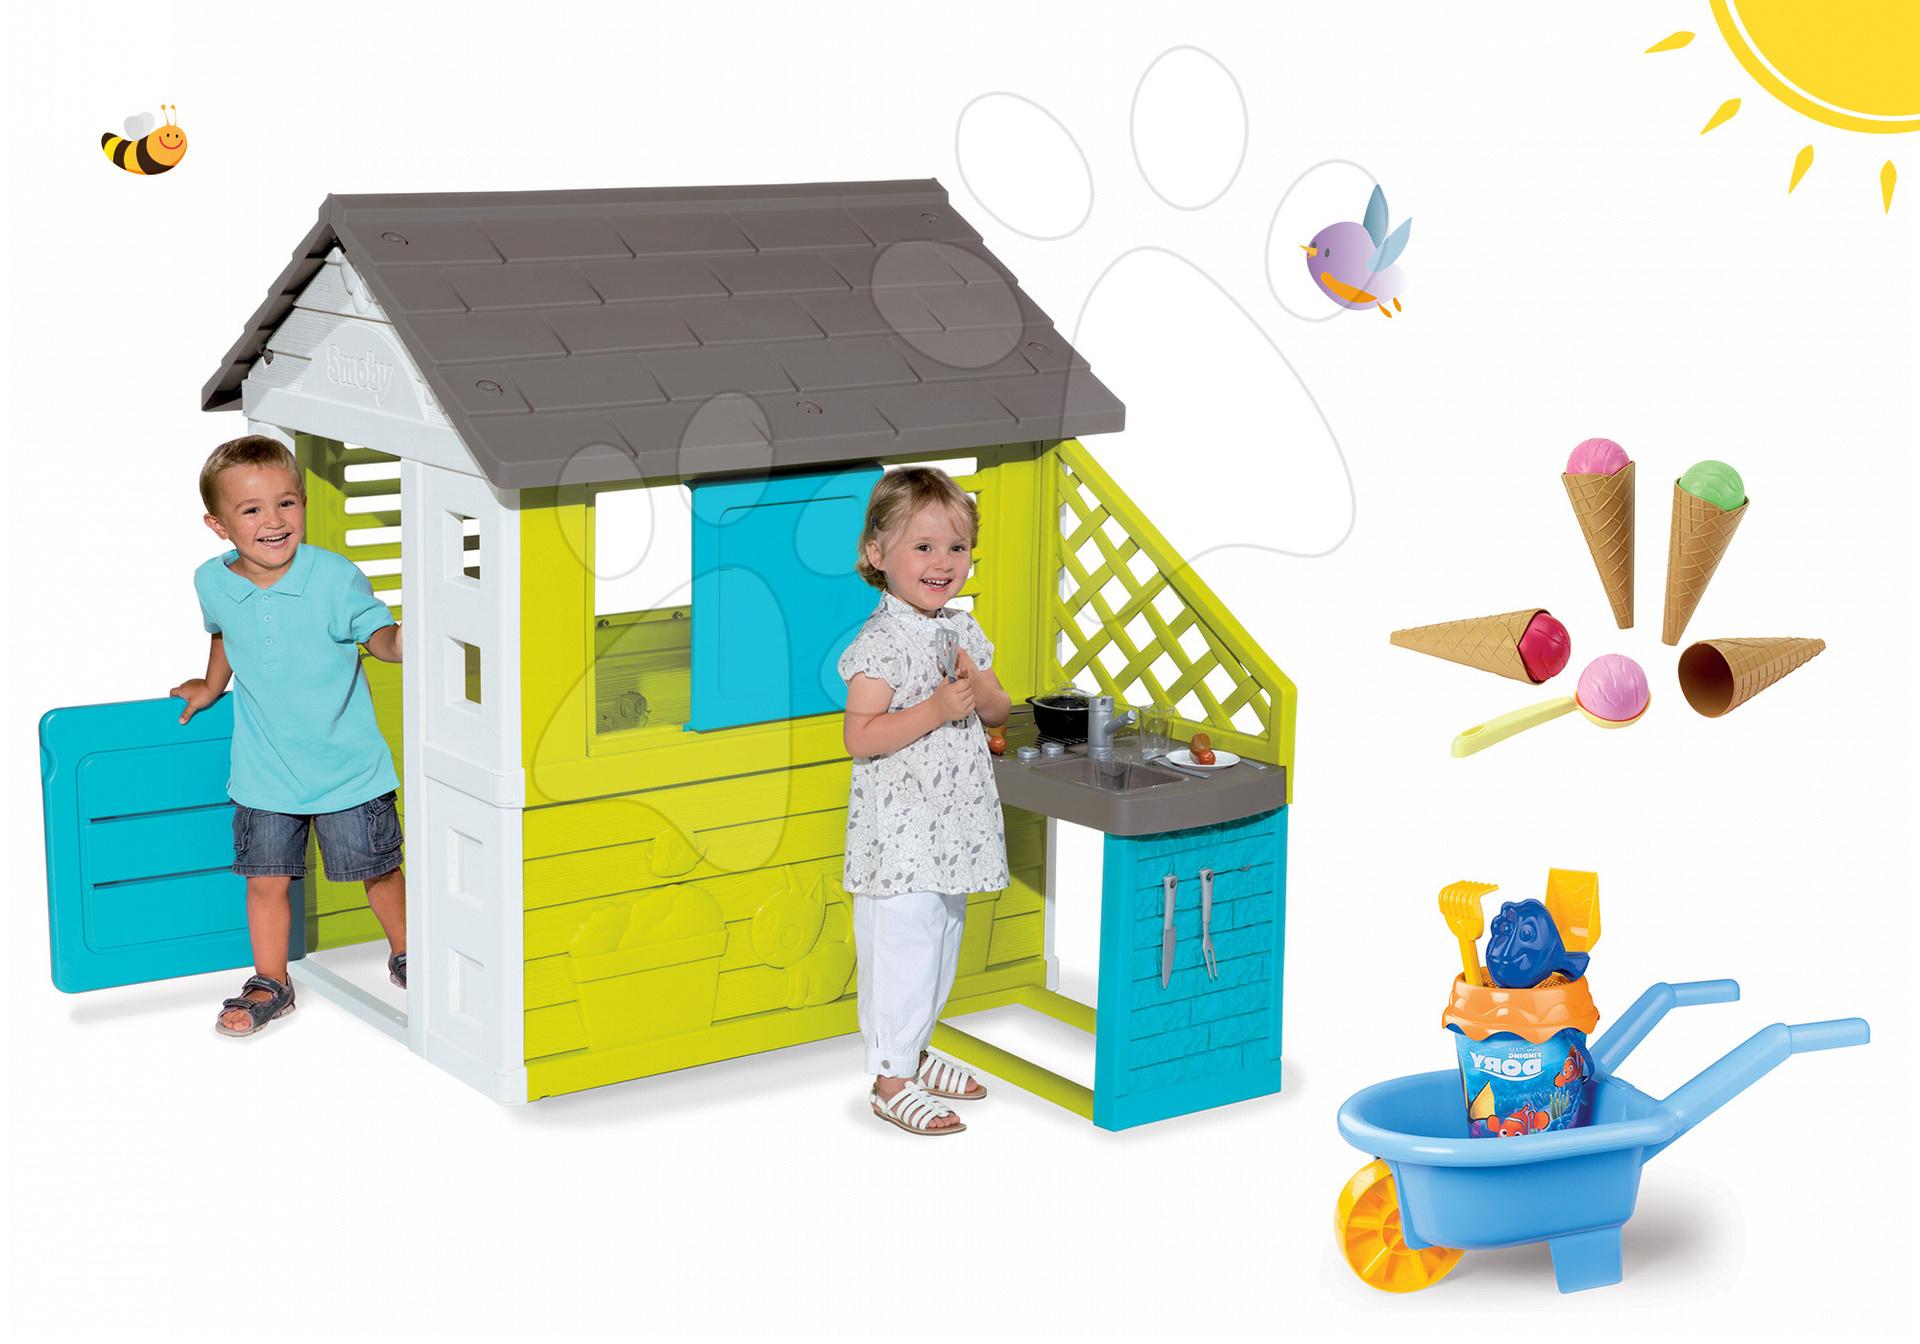 Set domeček Pretty Blue s letní kuchyňkou Smoby a kolečko Hledá se Dory, kbelík set, zmrzlina od 24 měsíců